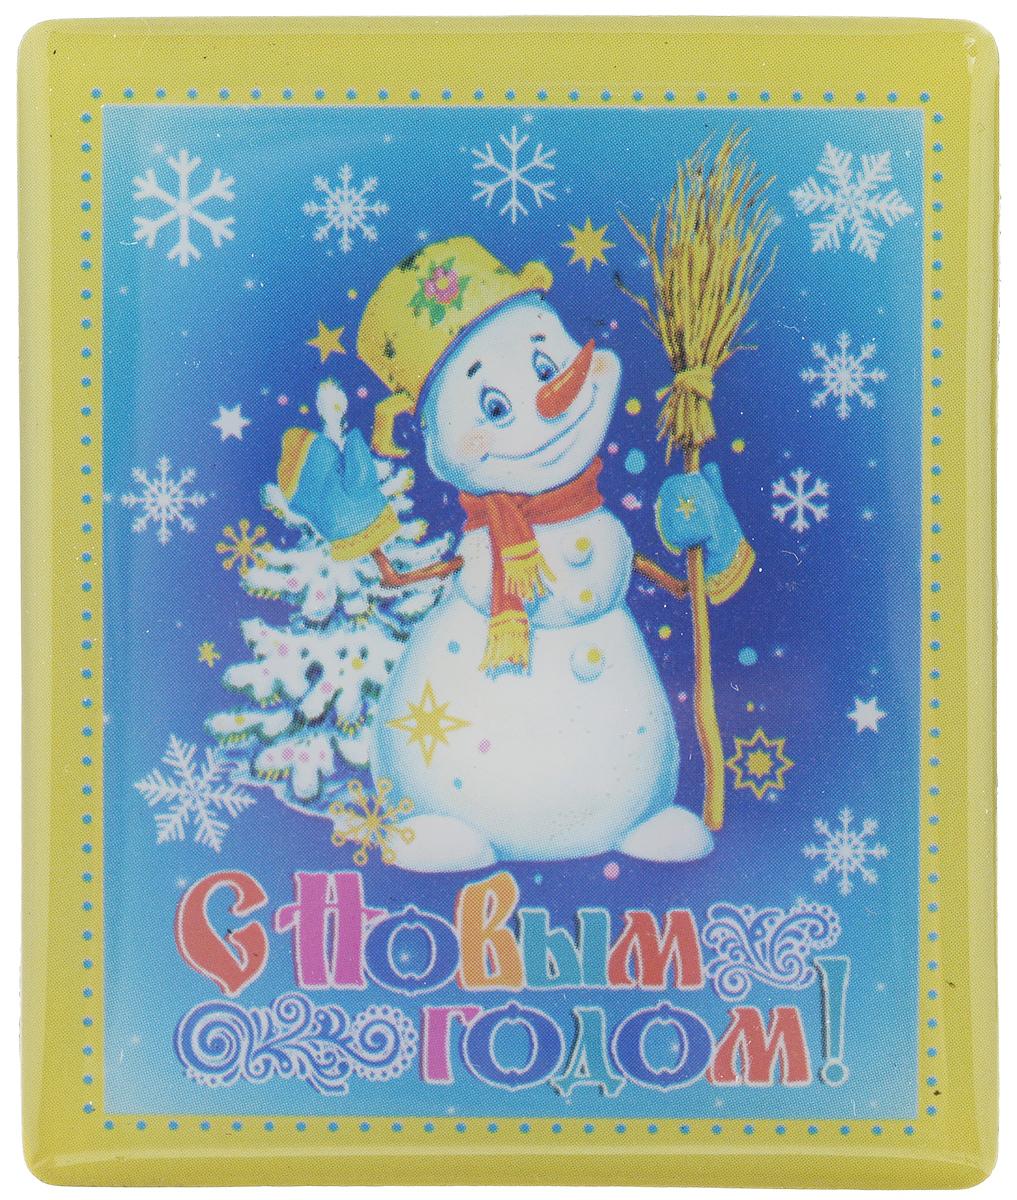 Магнит Феникс-Презент Снеговик, 5 x 6 см12723Магнит прямоугольной формы Феникс-Презент Снеговик, выполненный из агломерированного феррита, станет приятным штрихом в повседневной жизни. Оригинальный магнит, декорированный изображением снеговика и надписи С Новым Годом!, поможет вам украсить не только холодильник, но и любую другую магнитную поверхность. Материал: агломерированный феррит.